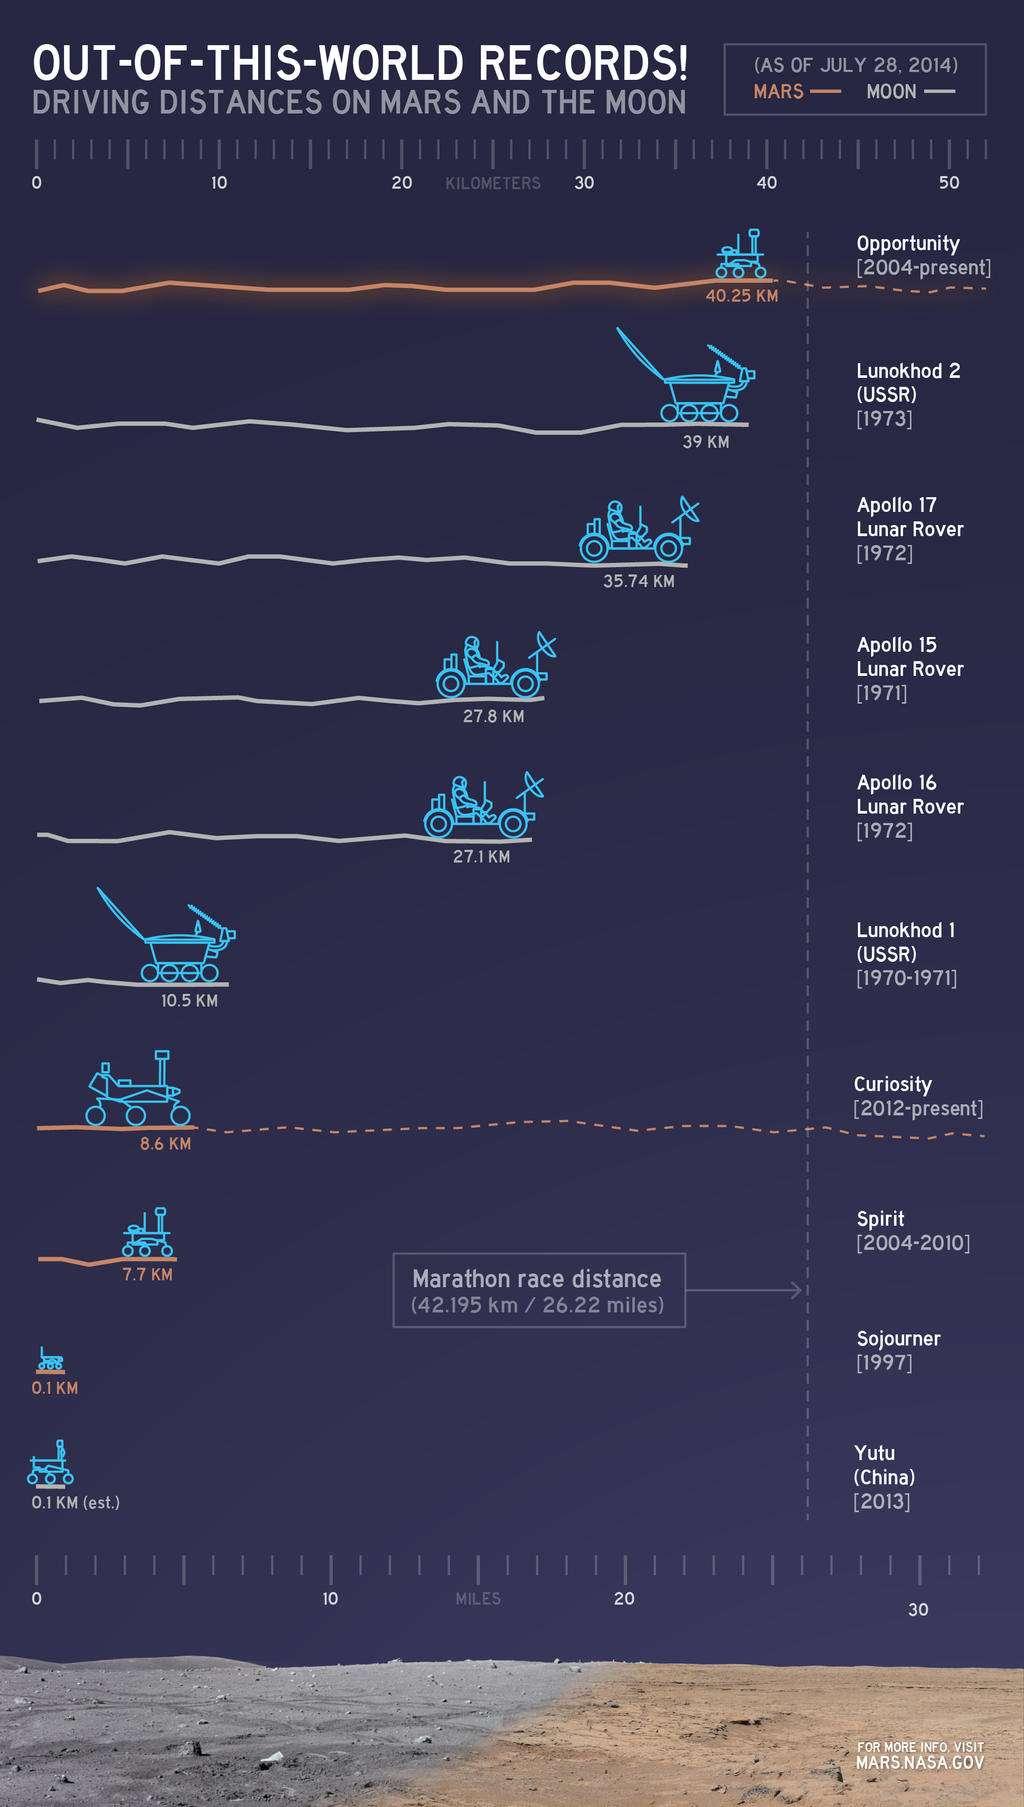 Comparaison des distances parcourues sur différents corps rocheux du Système solaire par des véhicules spatiaux. Avec 40,25 km, Opportunity est en tête depuis le 27 juillet 2014 abolissant un record de plus de 40 ans détenu par le rover soviétique Lunokhod 2. Aux troisième, quatrième et cinquième places, sans surprise, on trouve les jeeps lunaires des missions Apollo 15, 16 et 17. En deux années d'exploration (soit une année martienne), Curiosity a déjà parcouru 8,6 km à la surface de Mars. © Nasa, JPL-Caltech